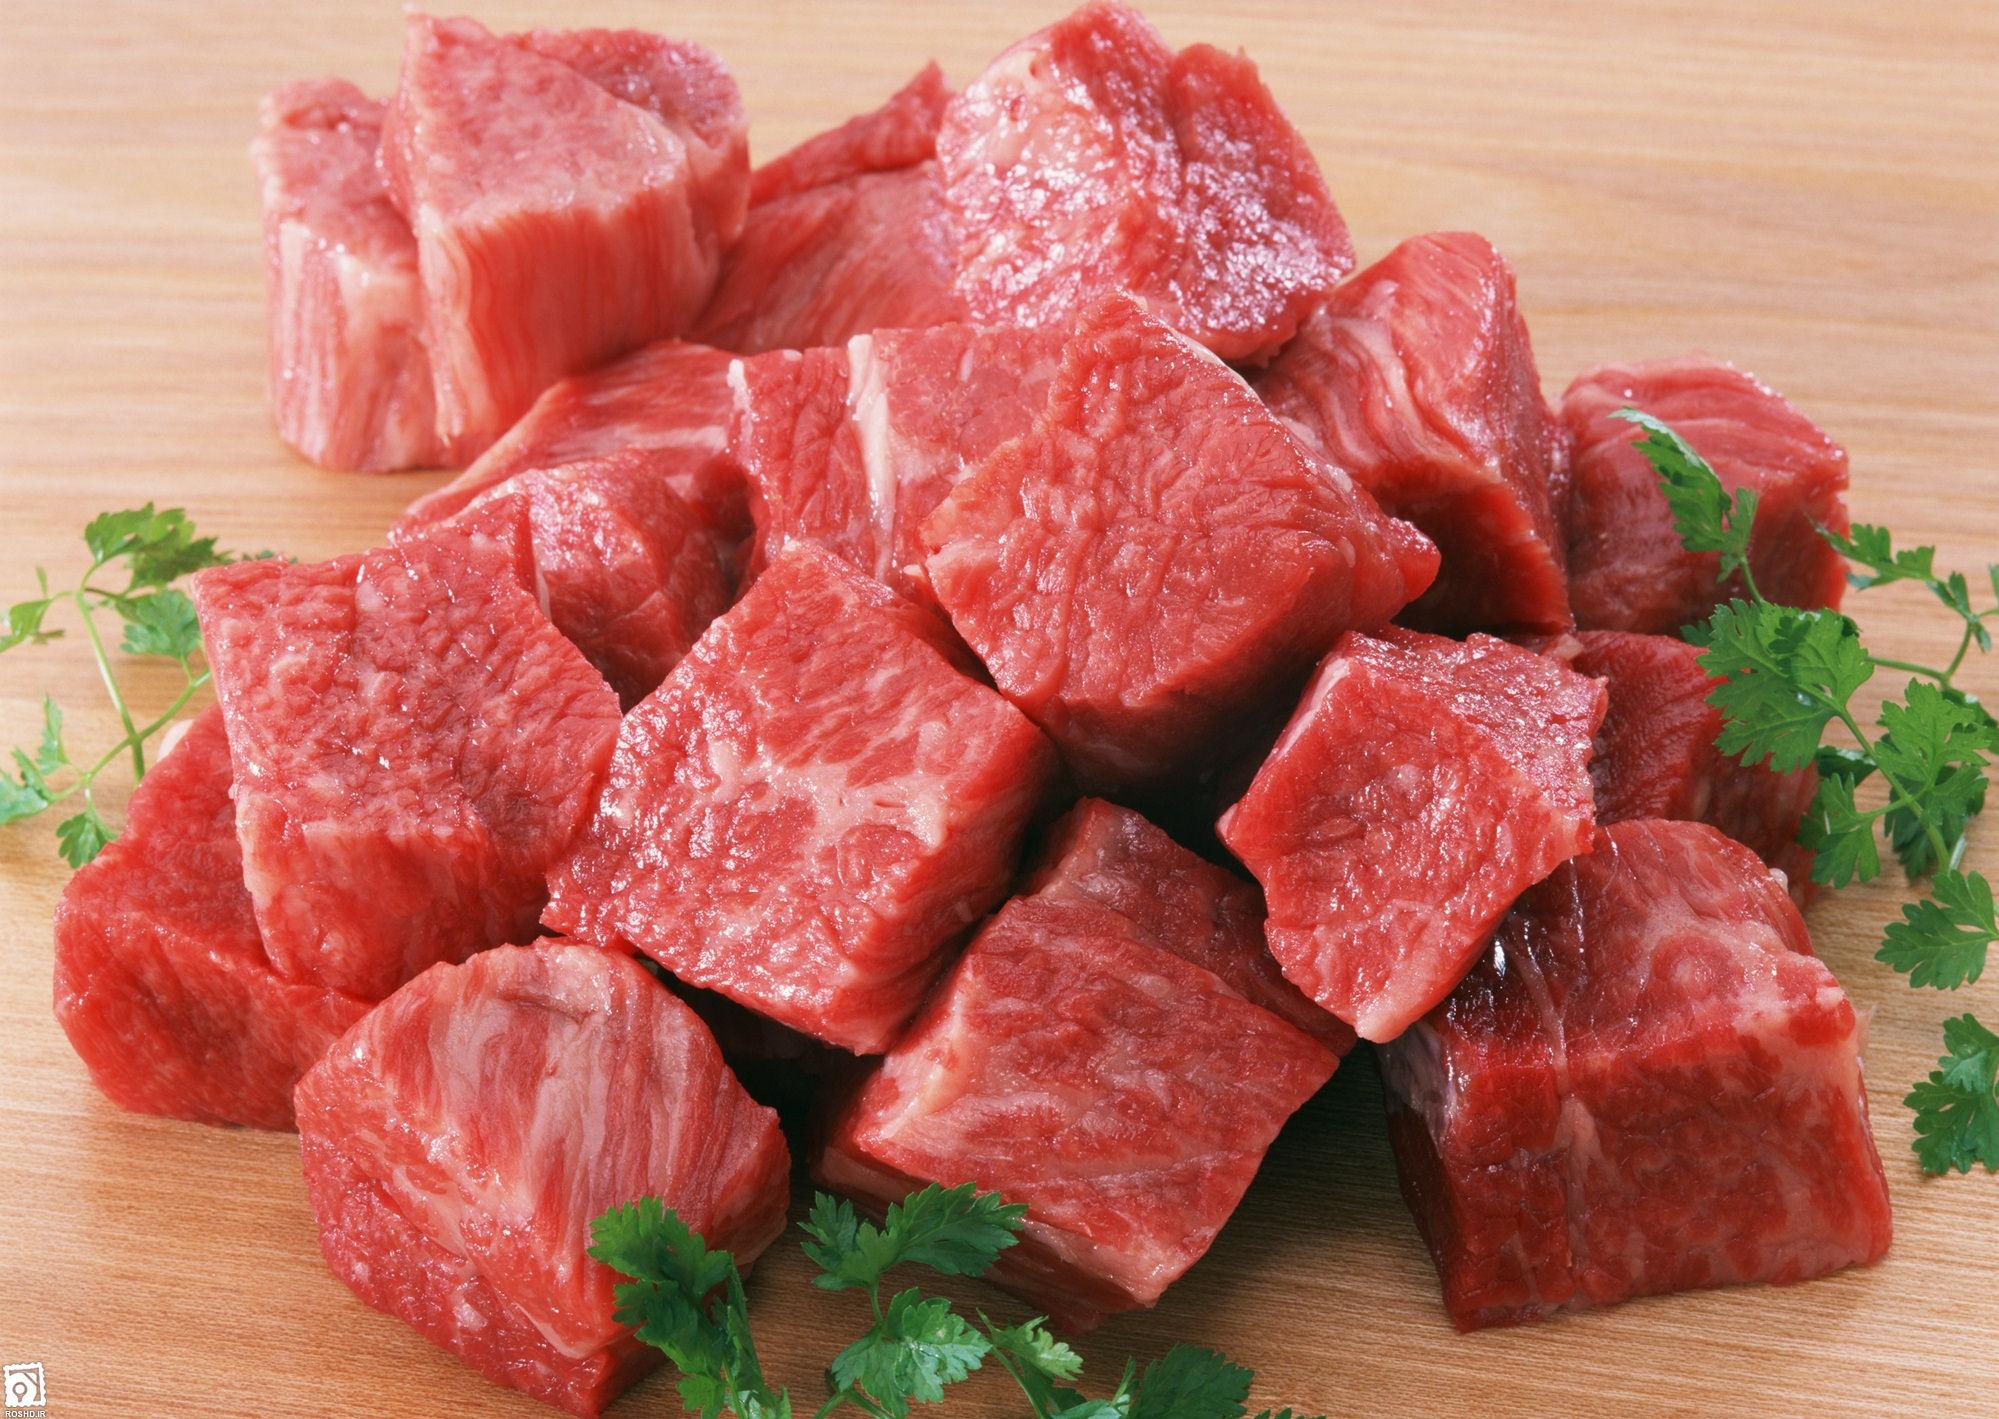 کاهش نرخ گوشت رویایی در دور دست ها